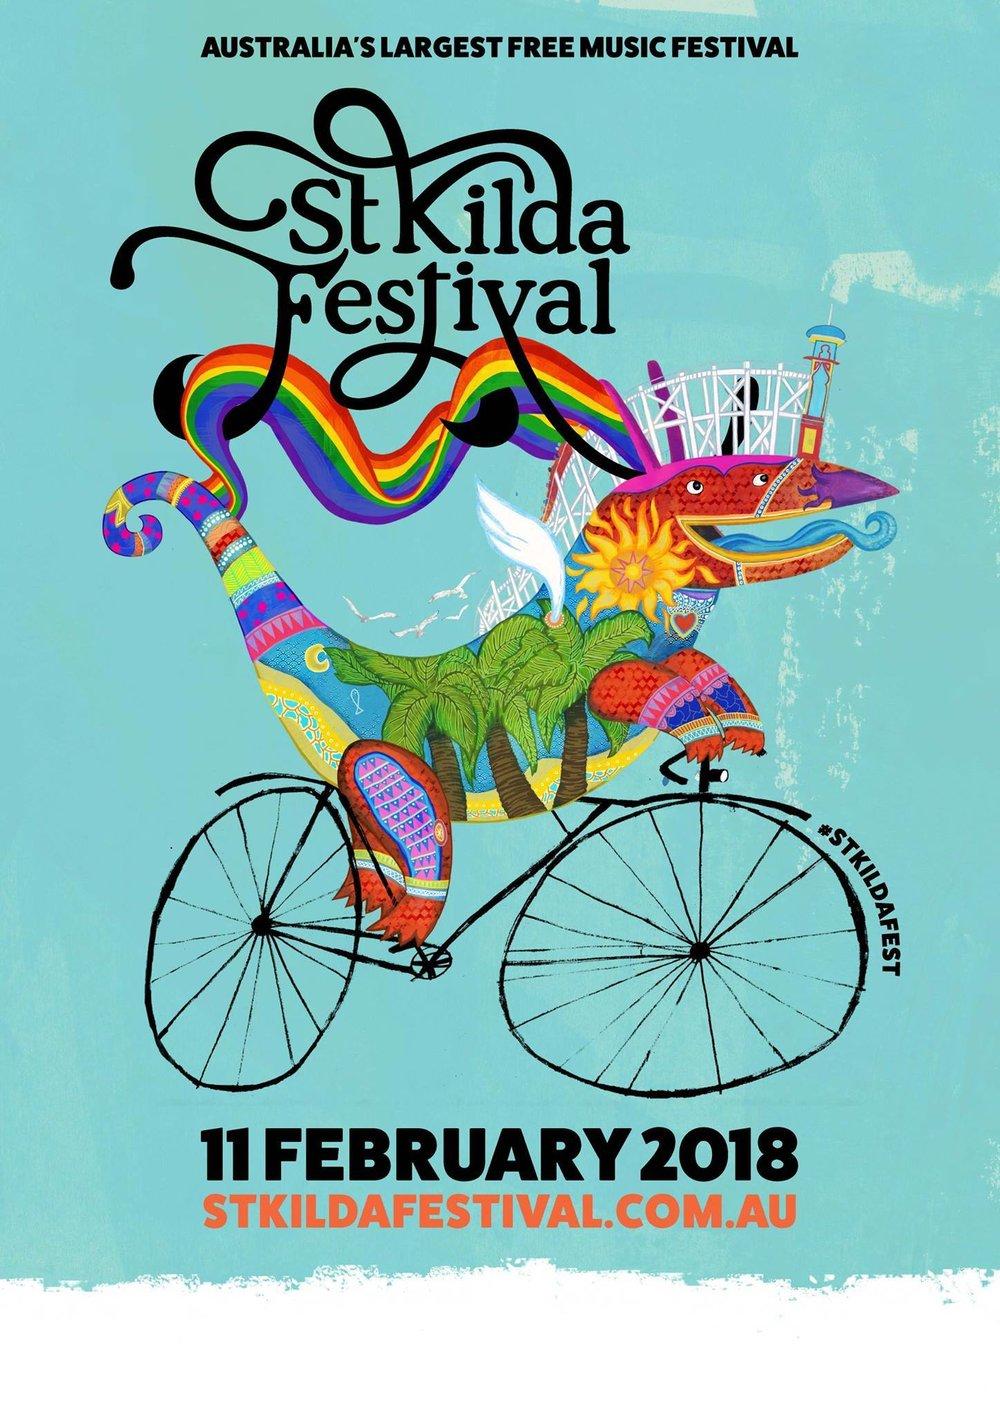 st-kilda-festival-2018-music-festival-community-ev1.jpg